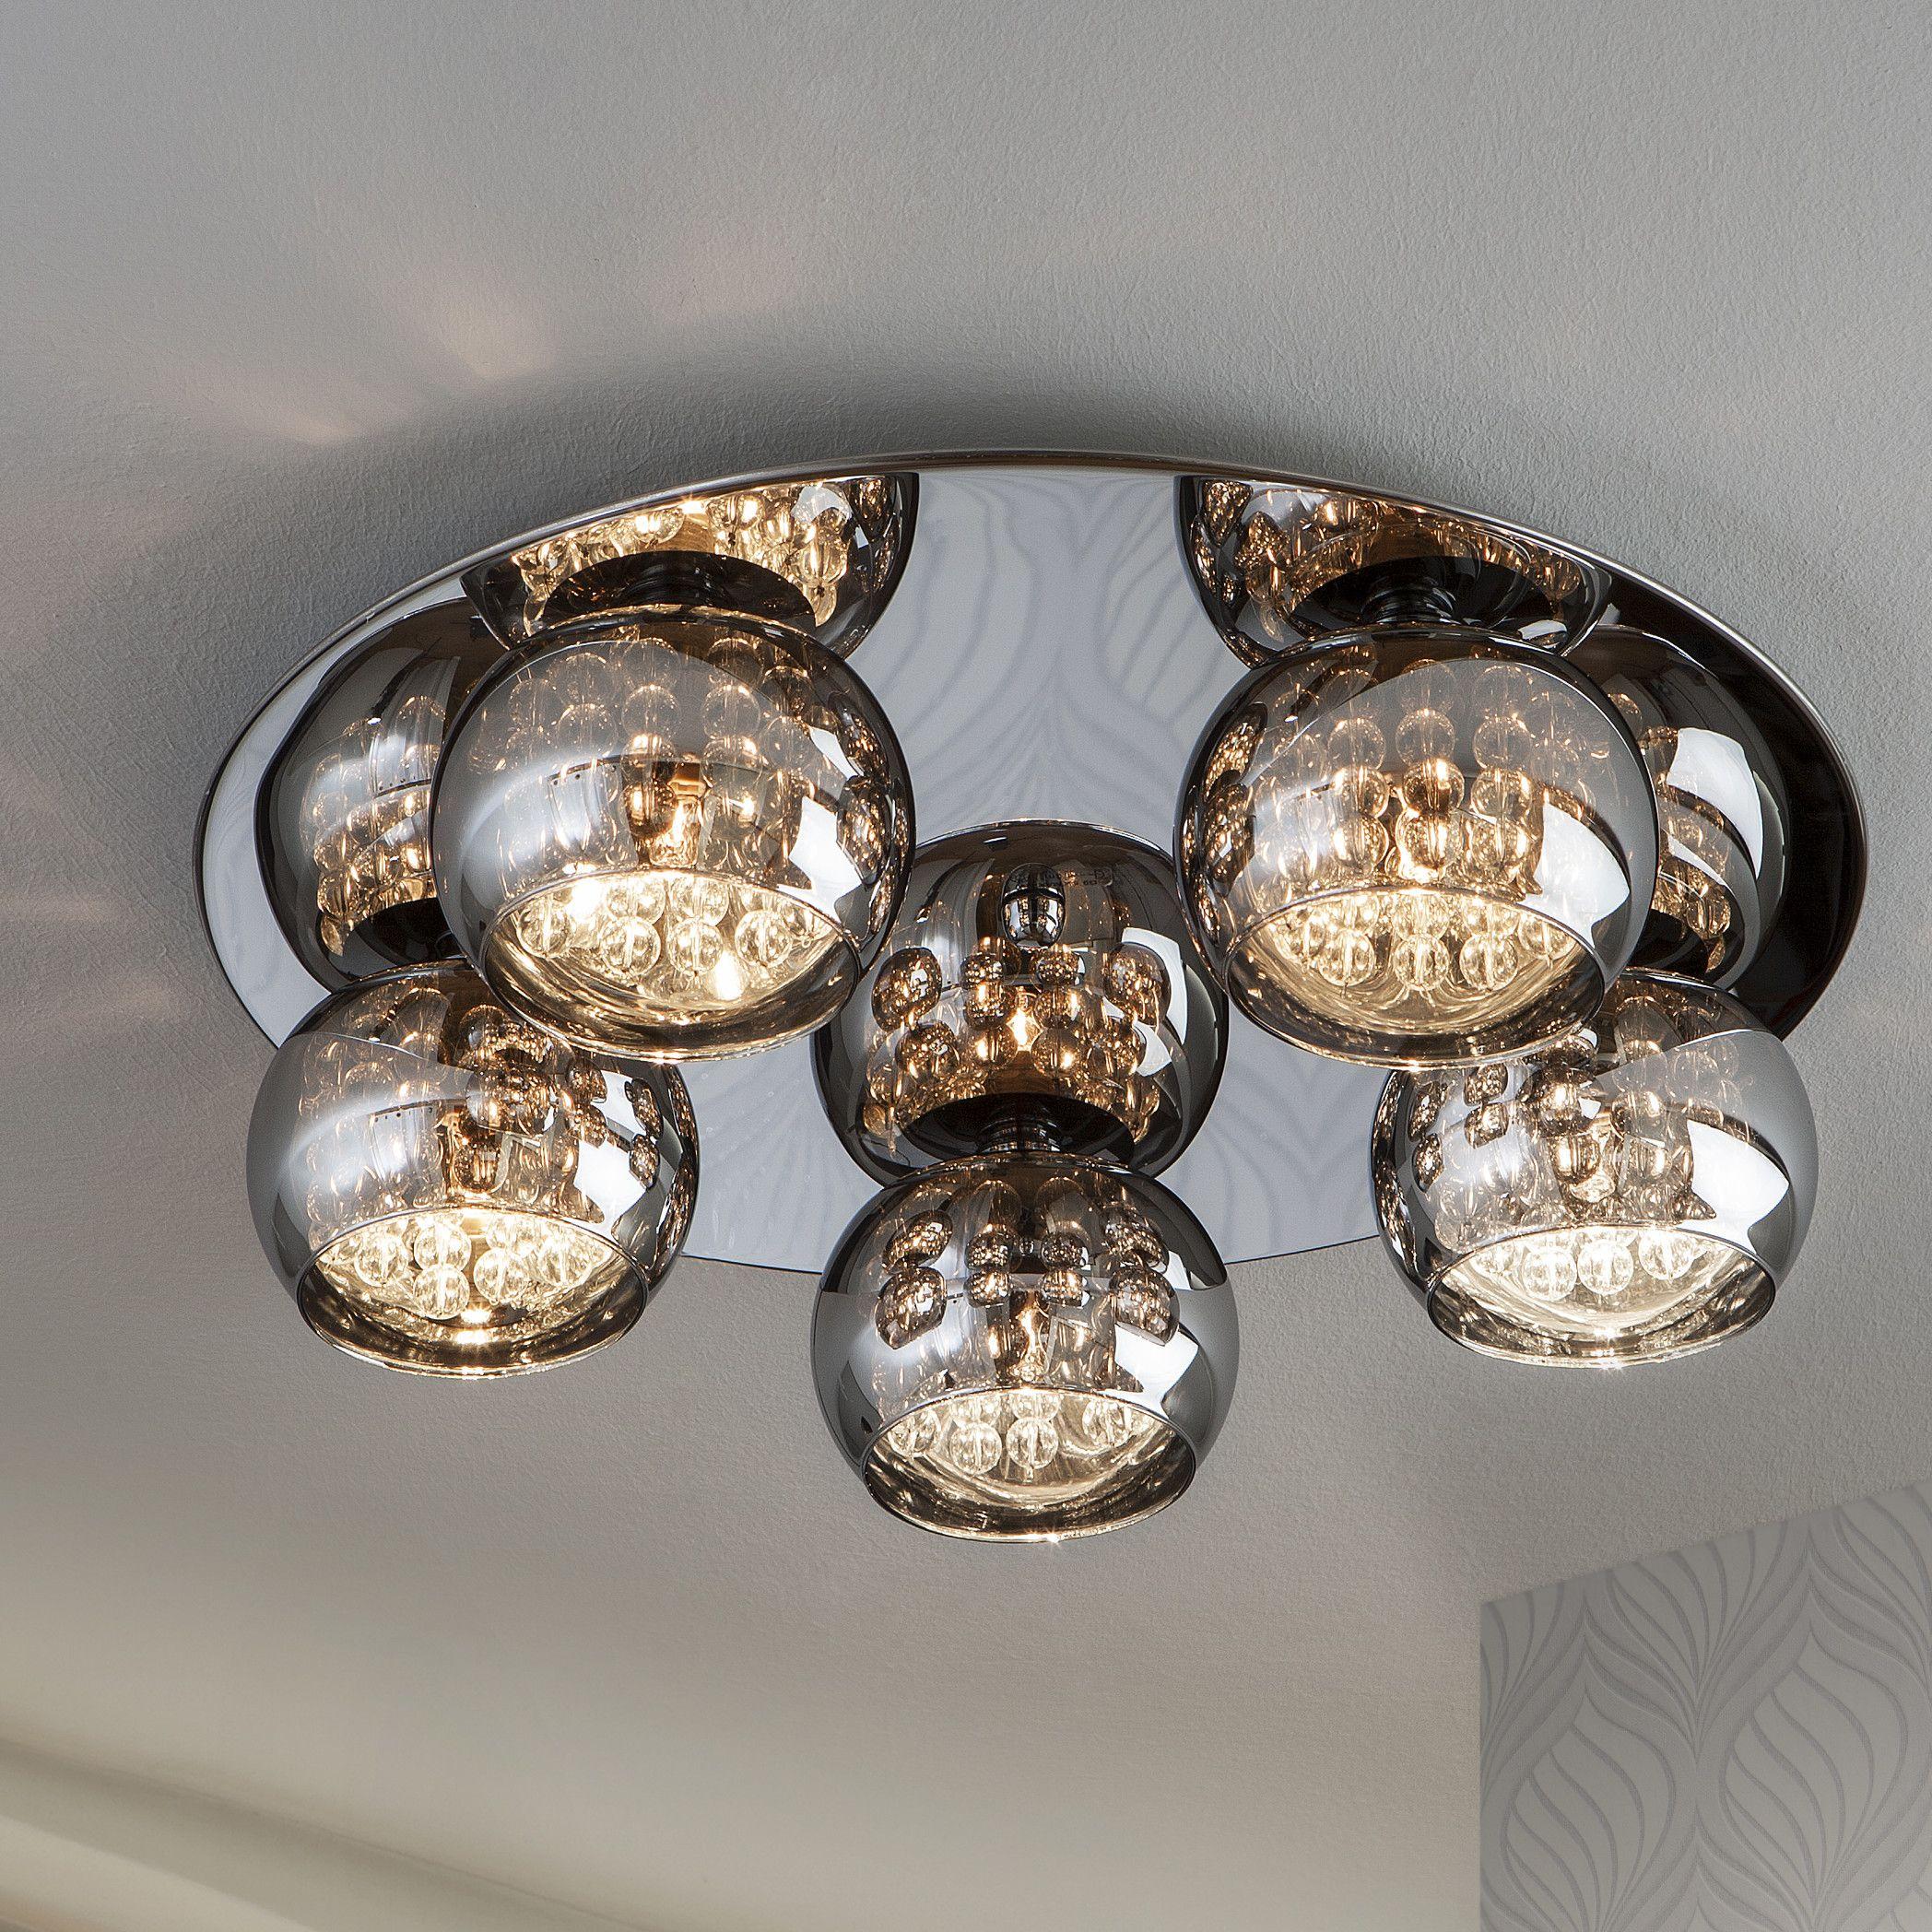 Schuller arian 5 light semi flush ceiling light reviews wayfair